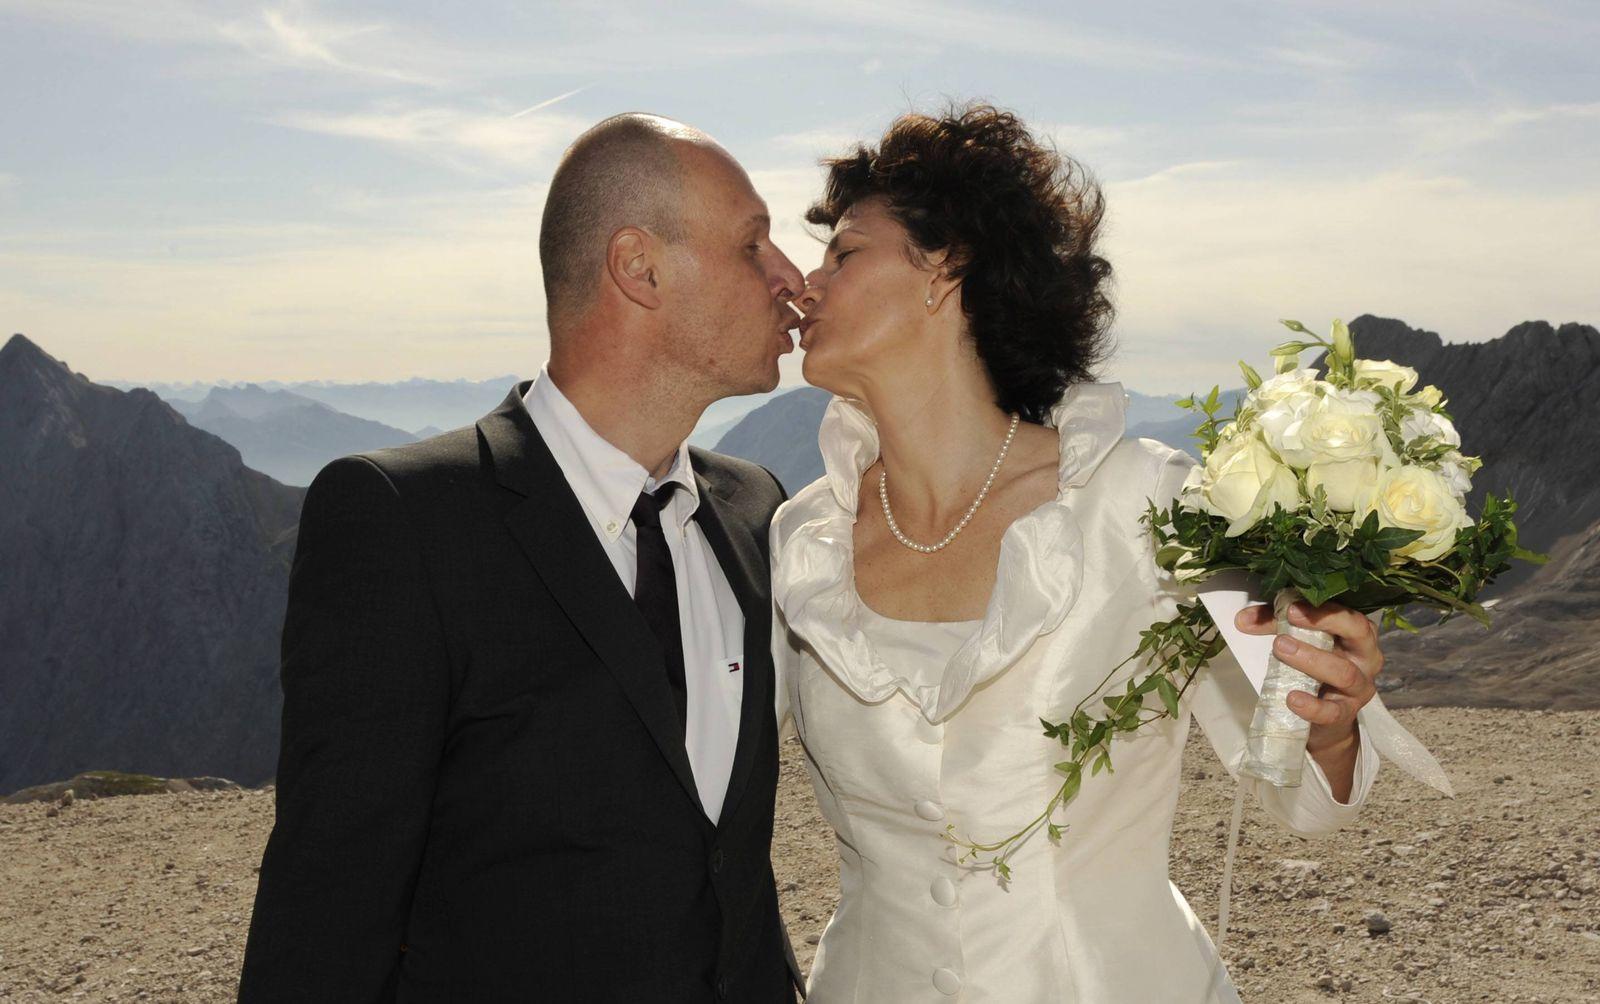 NICHT VERWENDEN Paare heiraten am 09.09.09 auf der Zugspitze